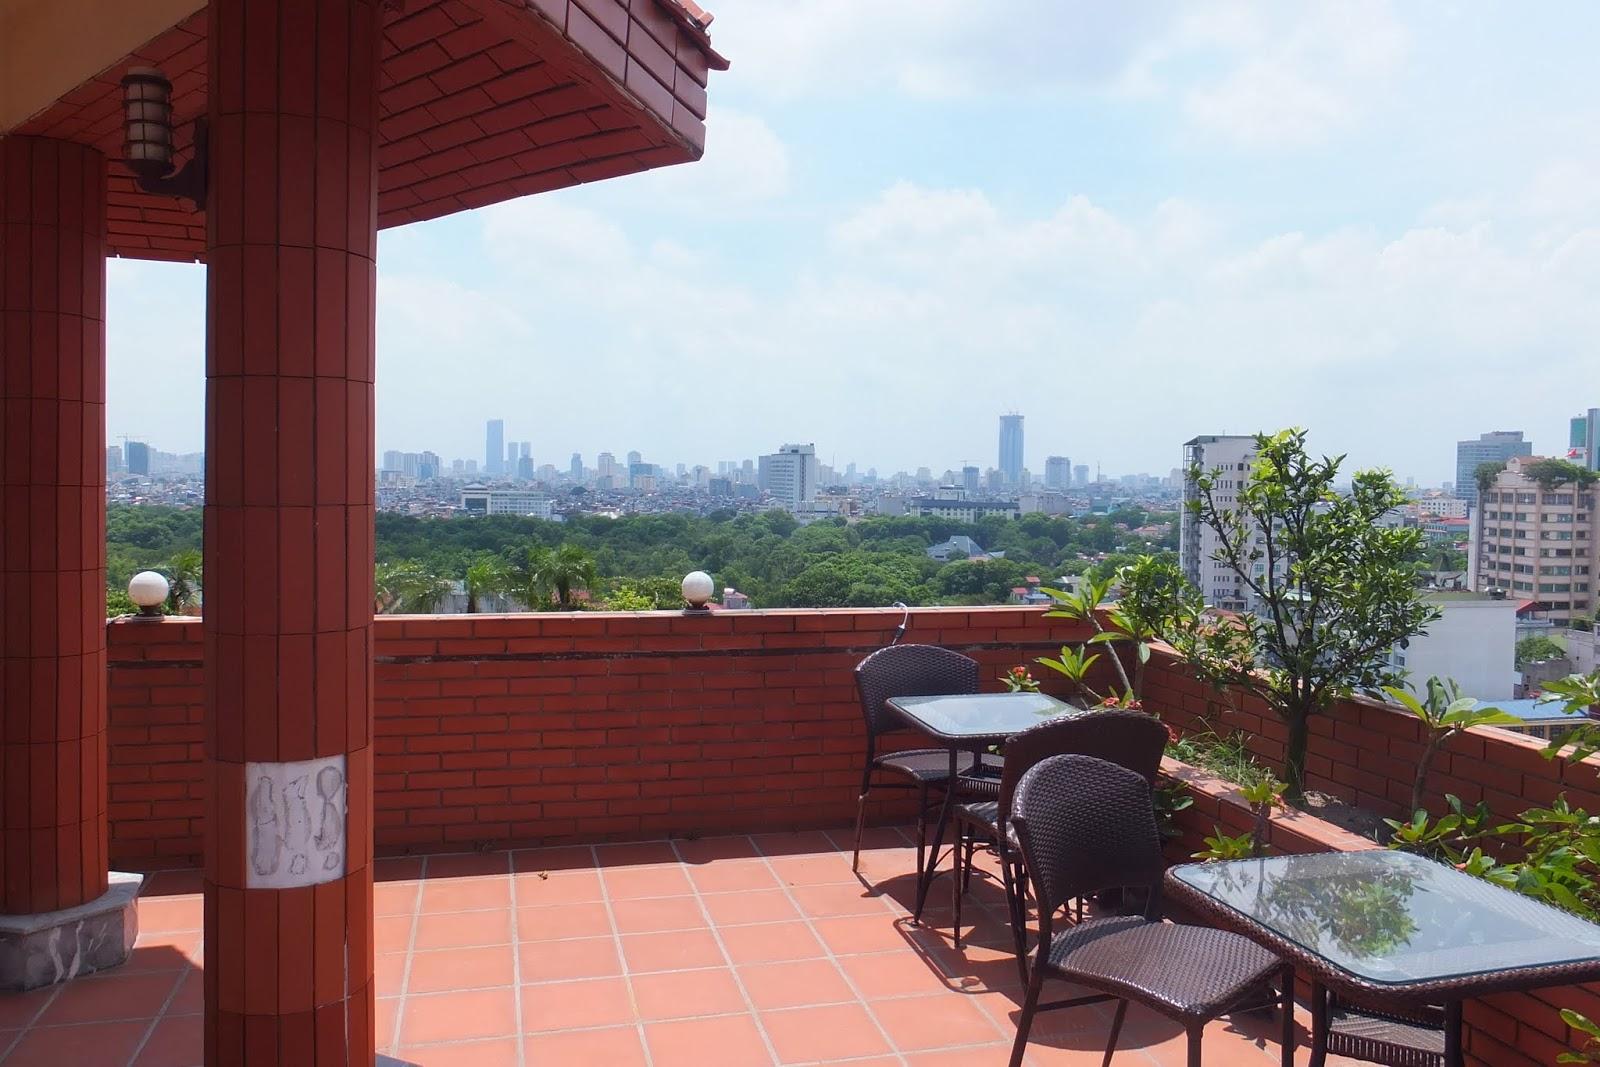 roof-garden-hanoiview 屋上庭園とハノイの風景